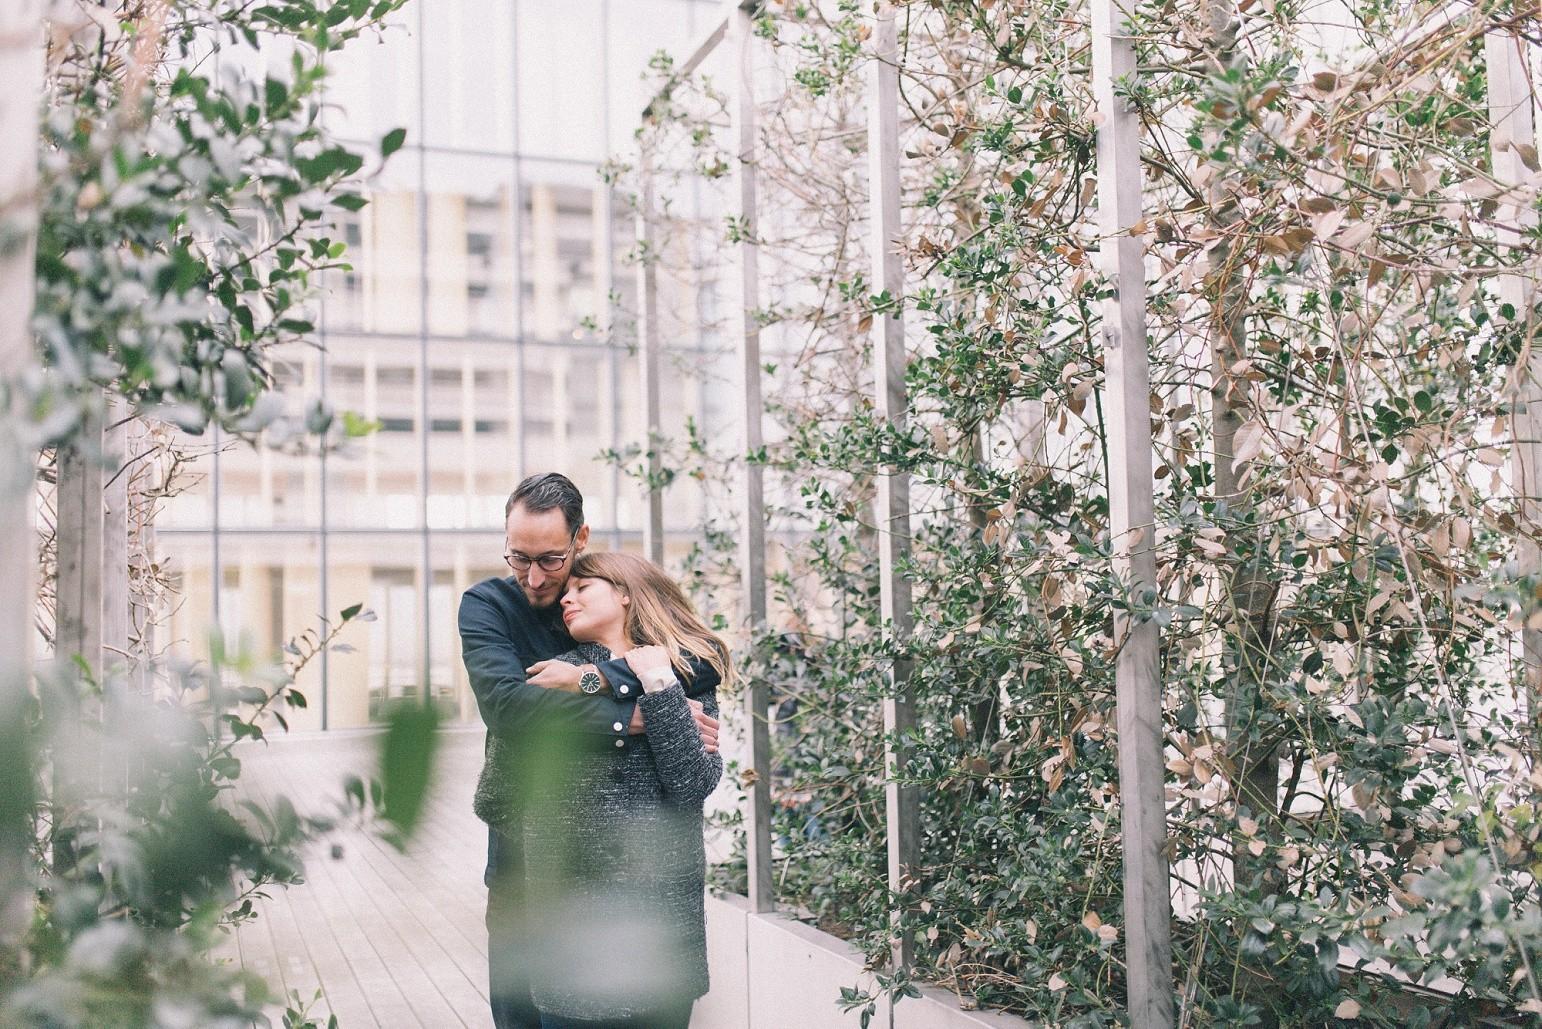 katerynaphotos-mariage-photographe-paysdelaloire-lemans-sarthe-sud_0559.jpg